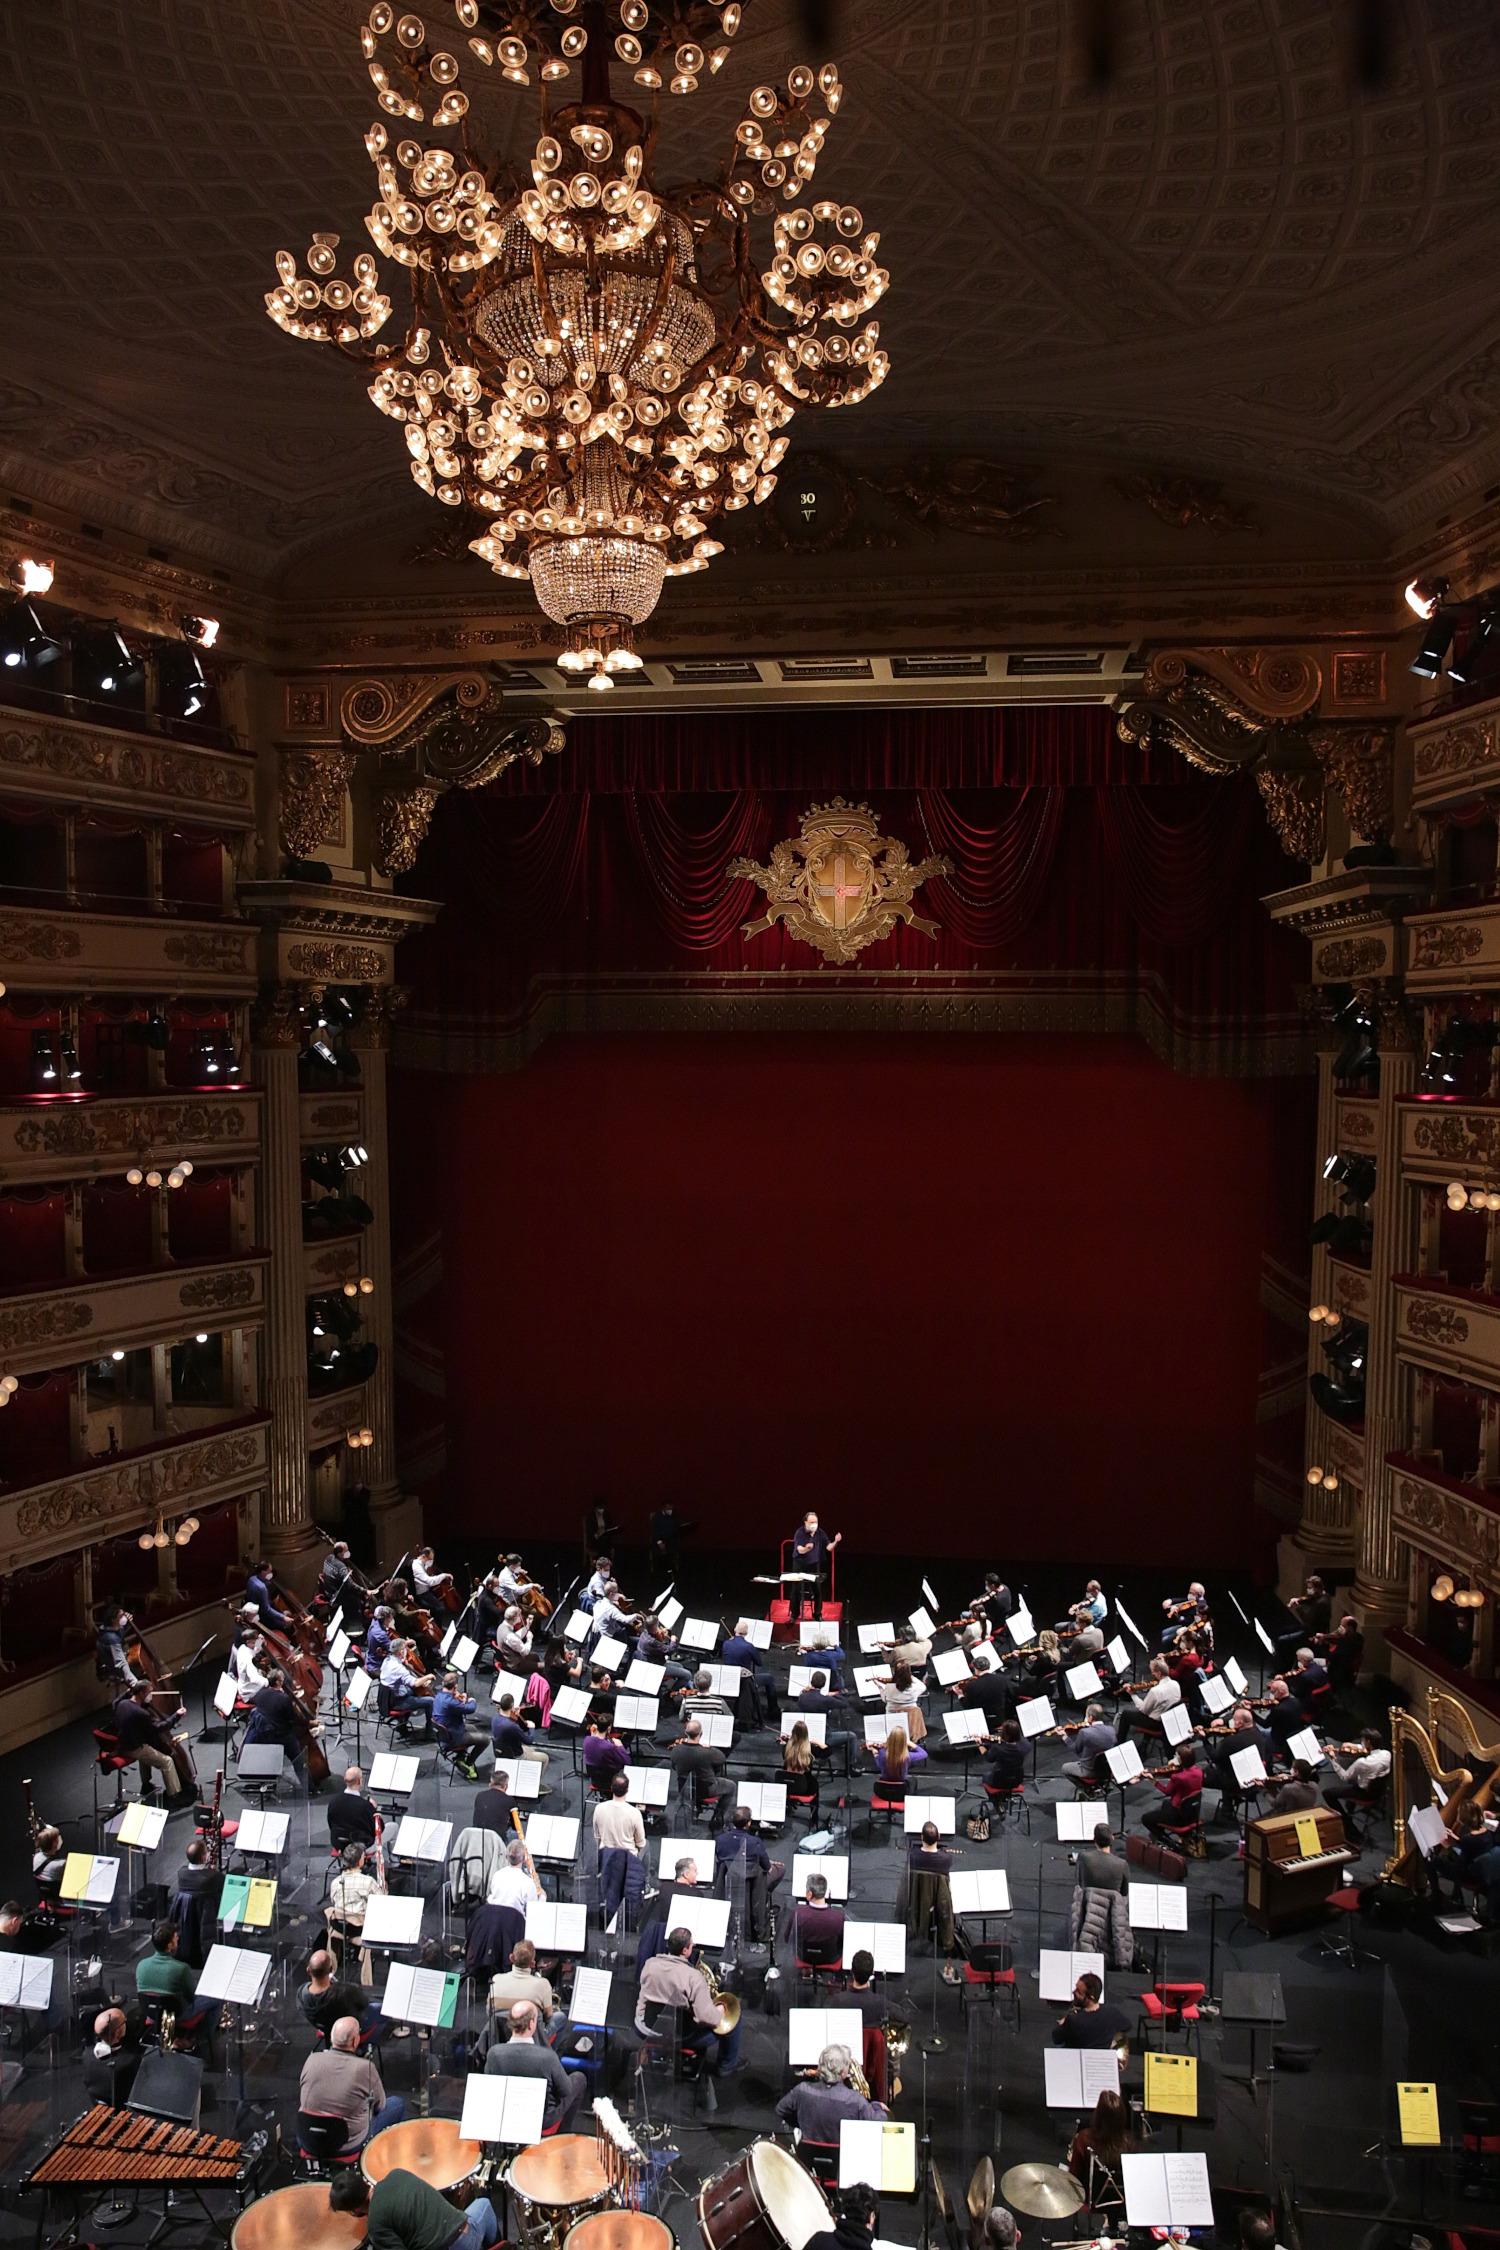 ph. credit Brescia/Amisano - Teatro alla Scala